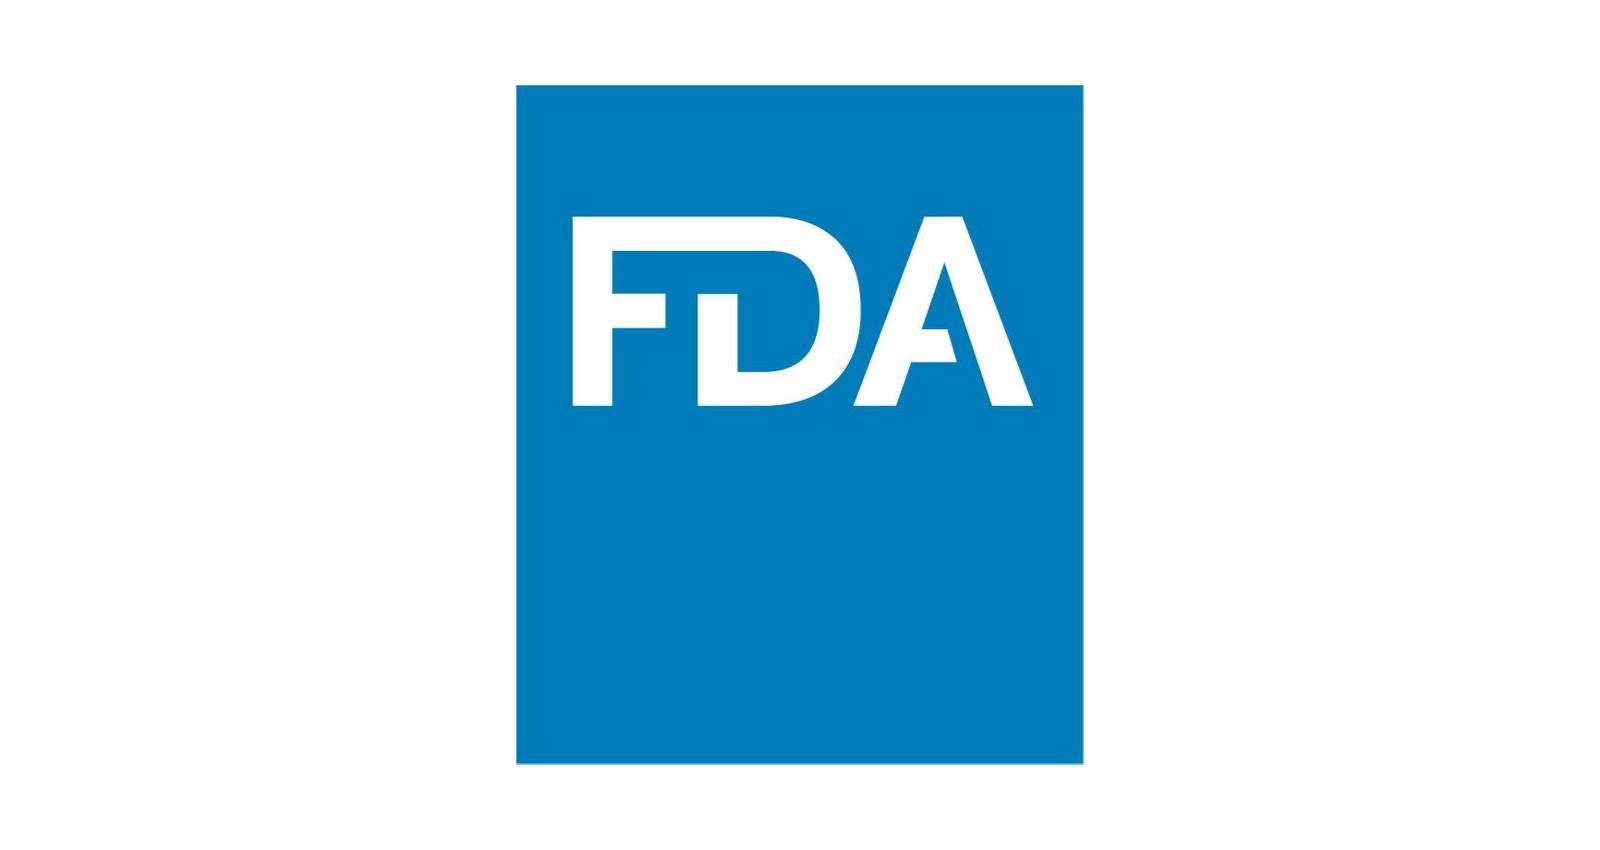 FDA_1600x850